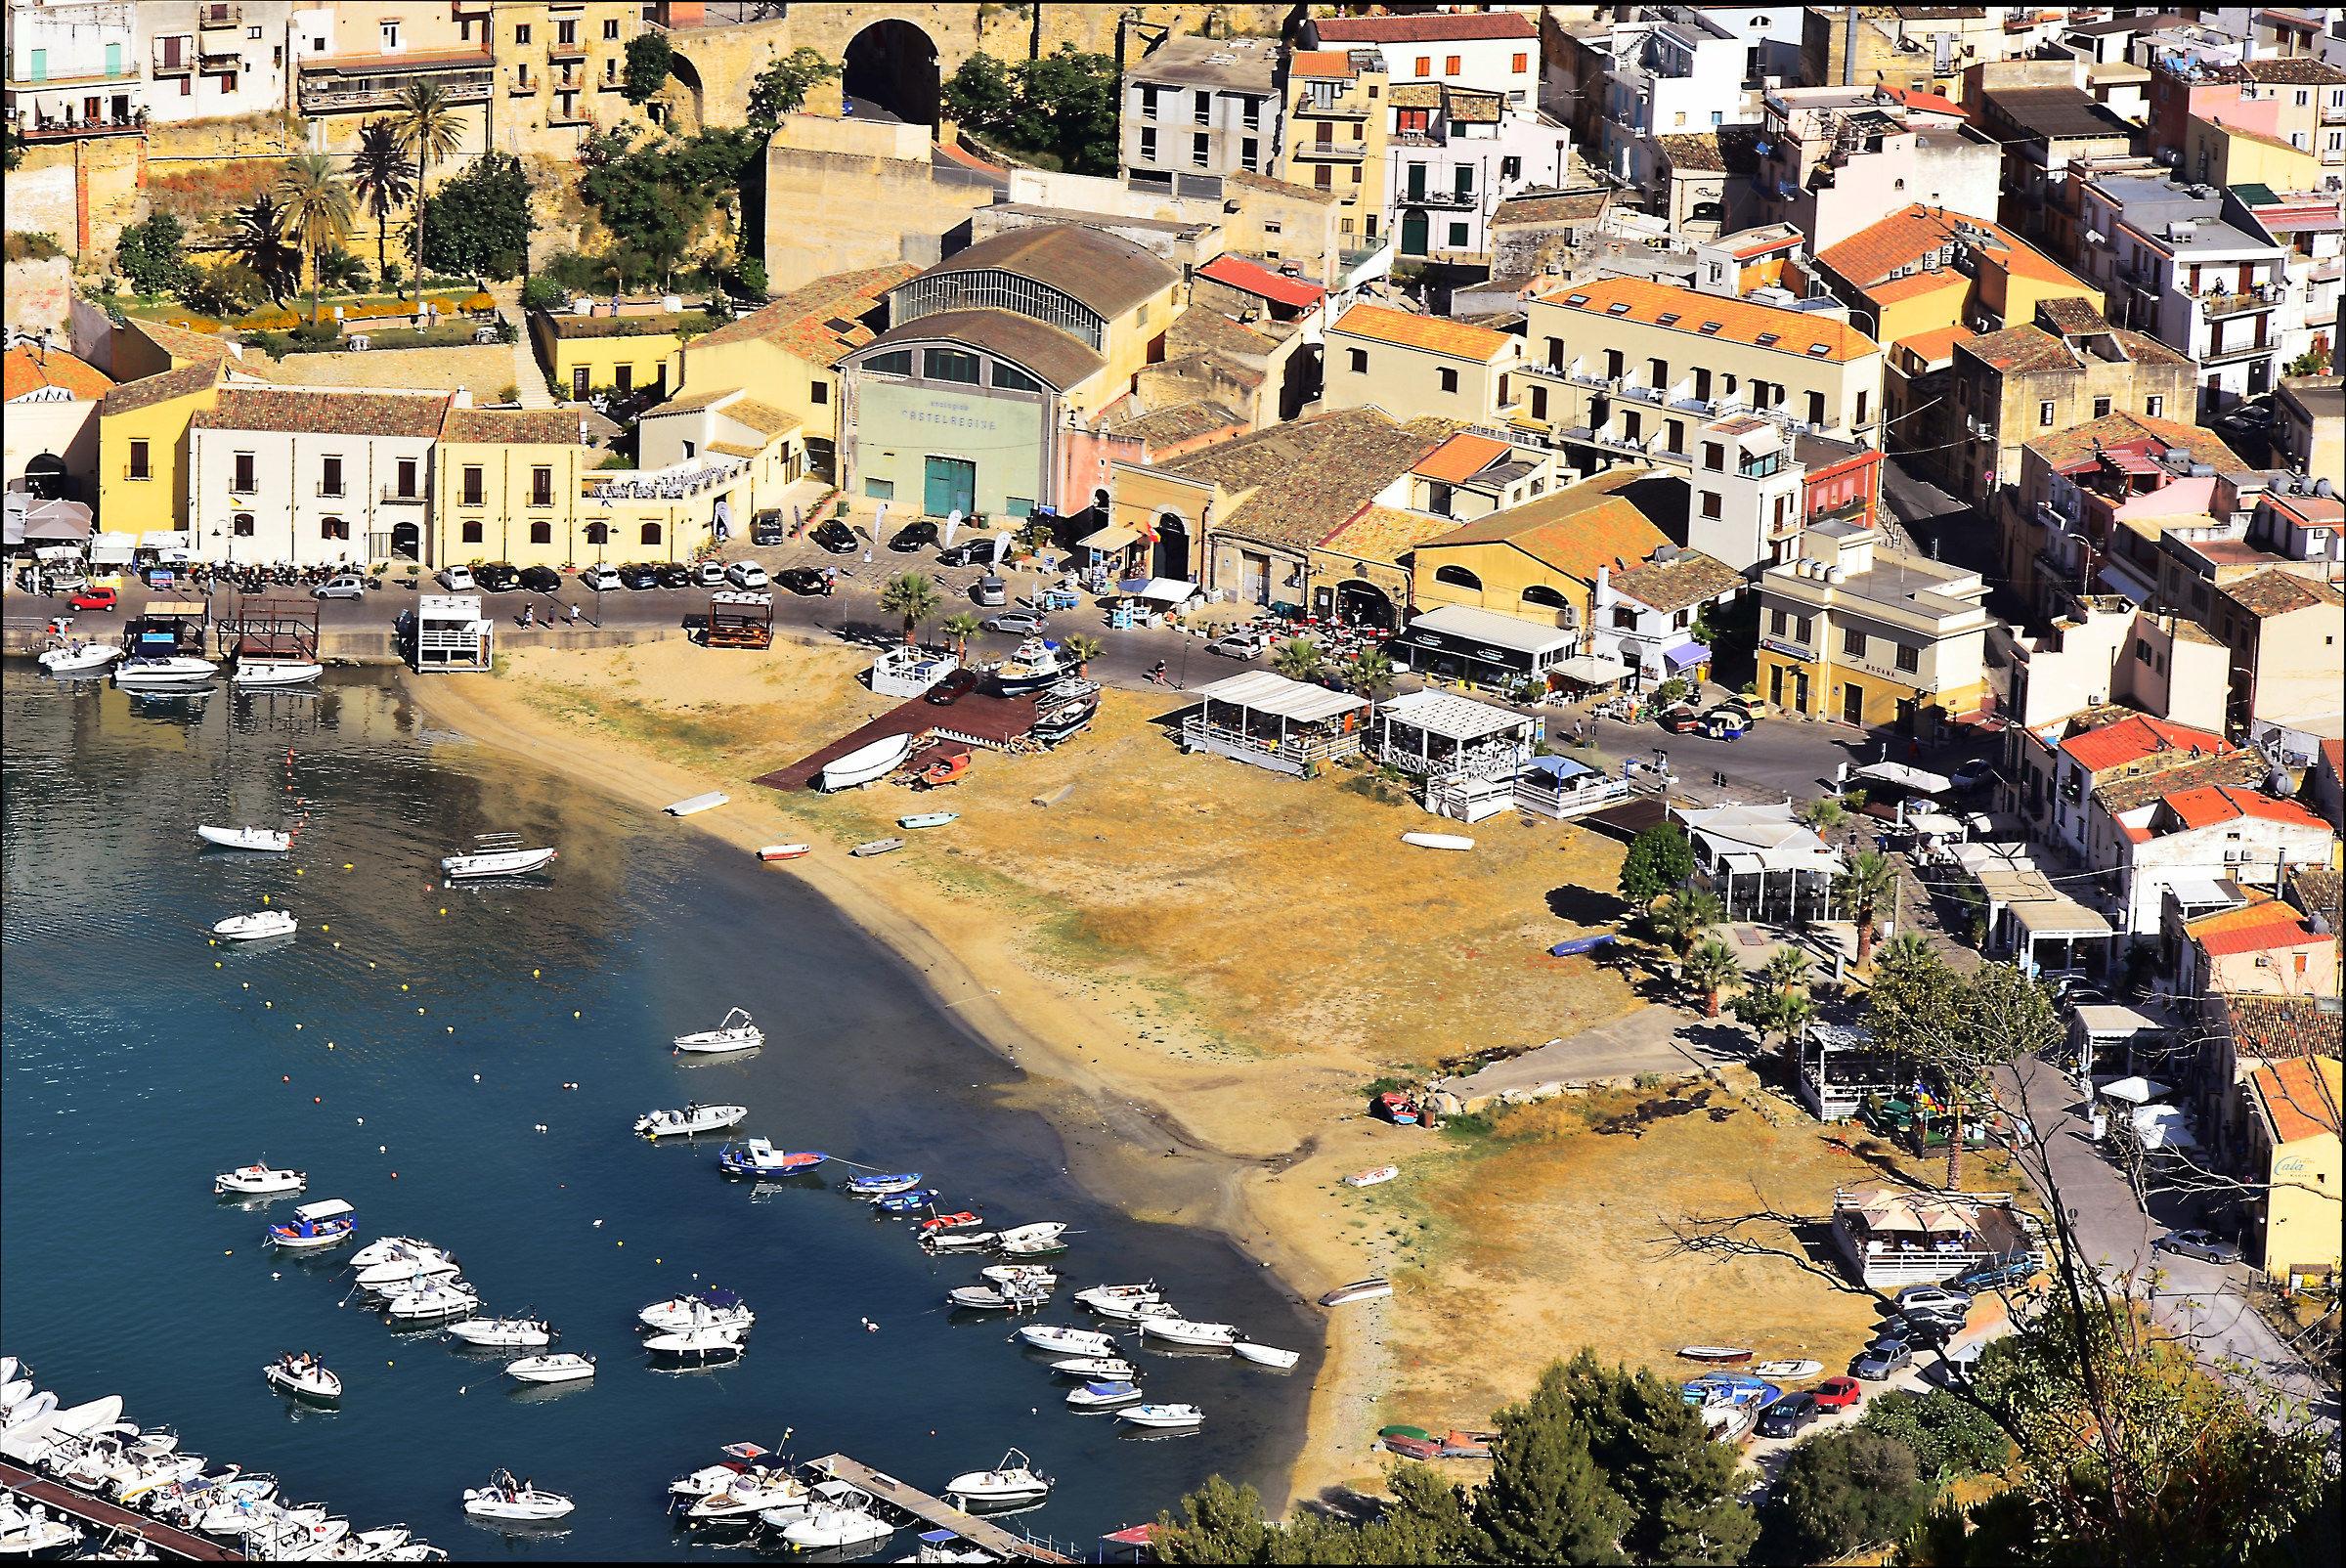 Marina di Castellamare del Golfo 2...